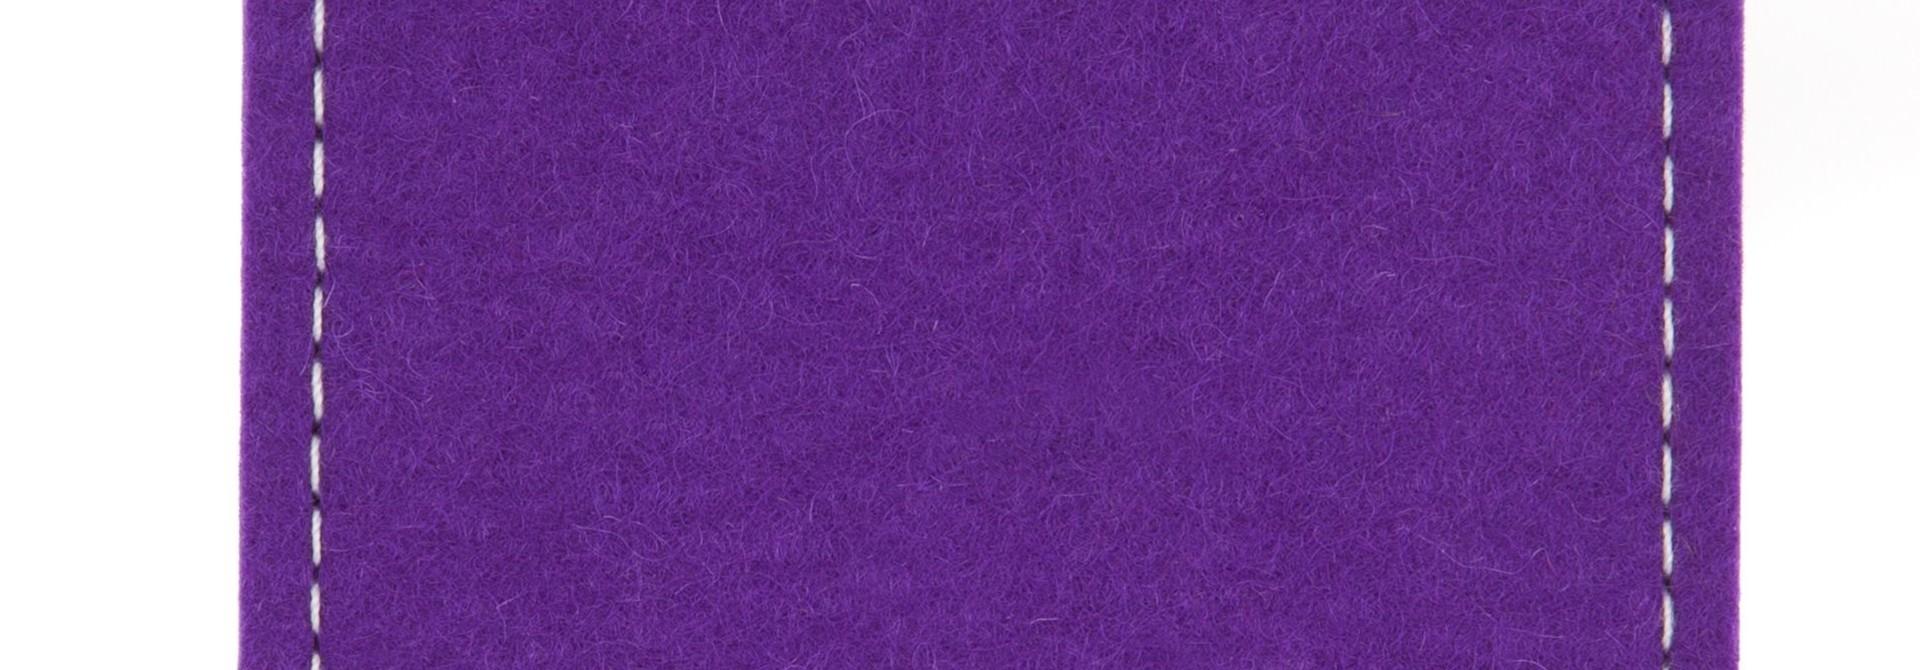 Moto Sleeve Purple